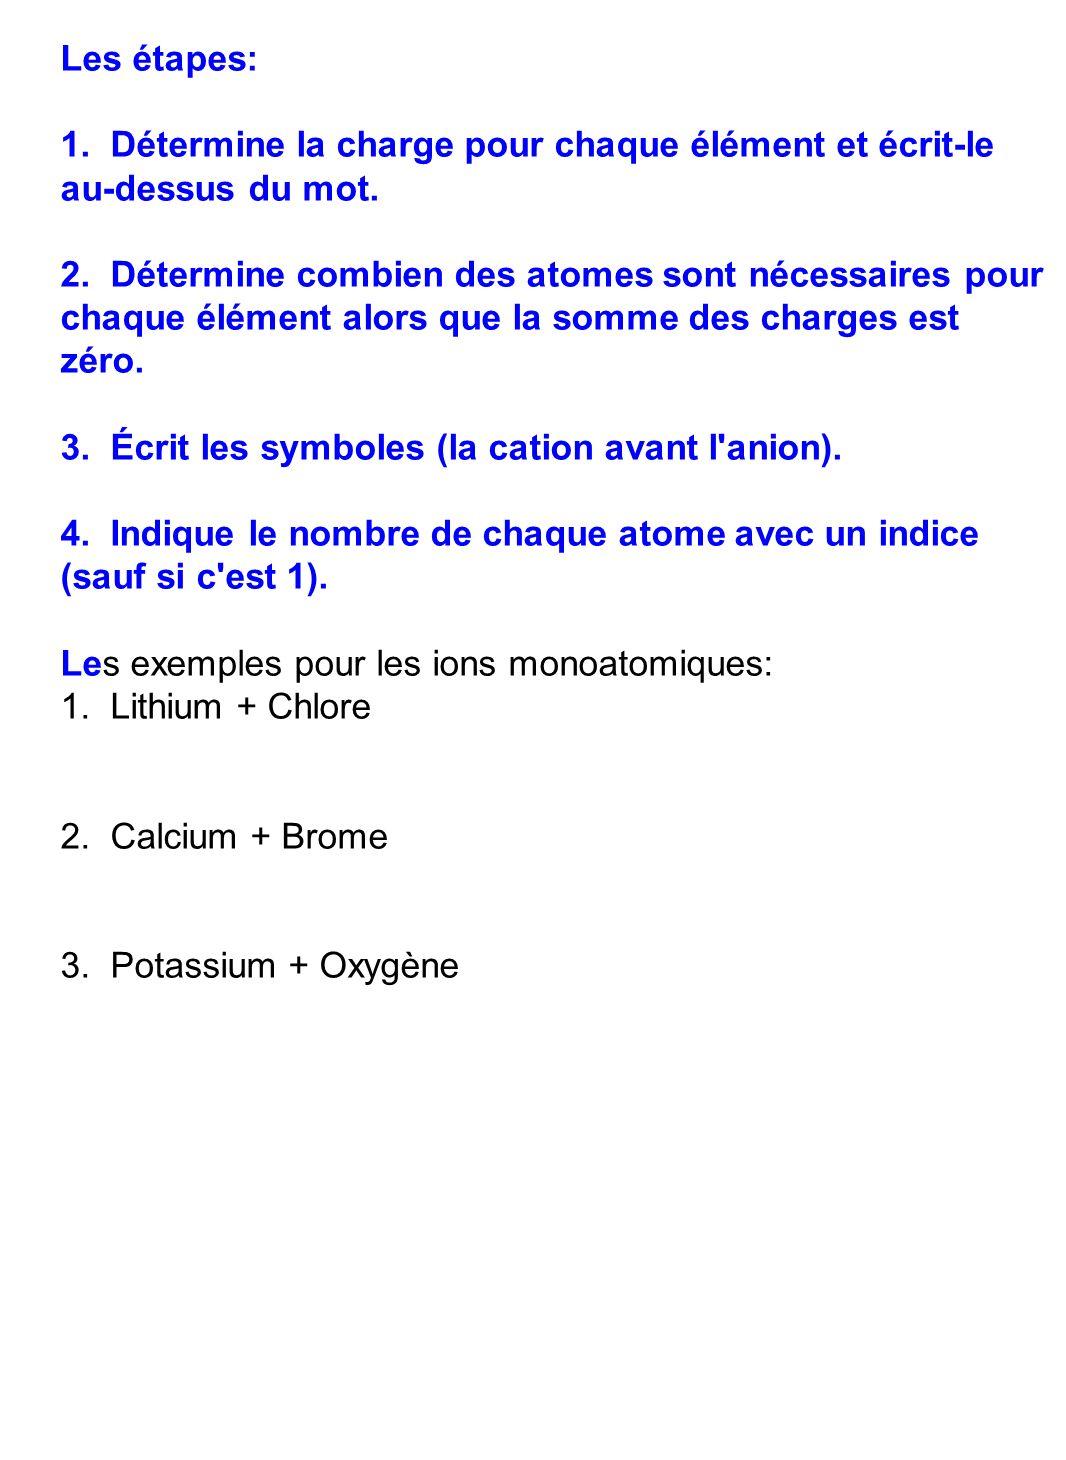 Les étapes: 1. Détermine la charge pour chaque élément et écrit-le au-dessus du mot. 2. Détermine combien des atomes sont nécessaires pour chaque élém